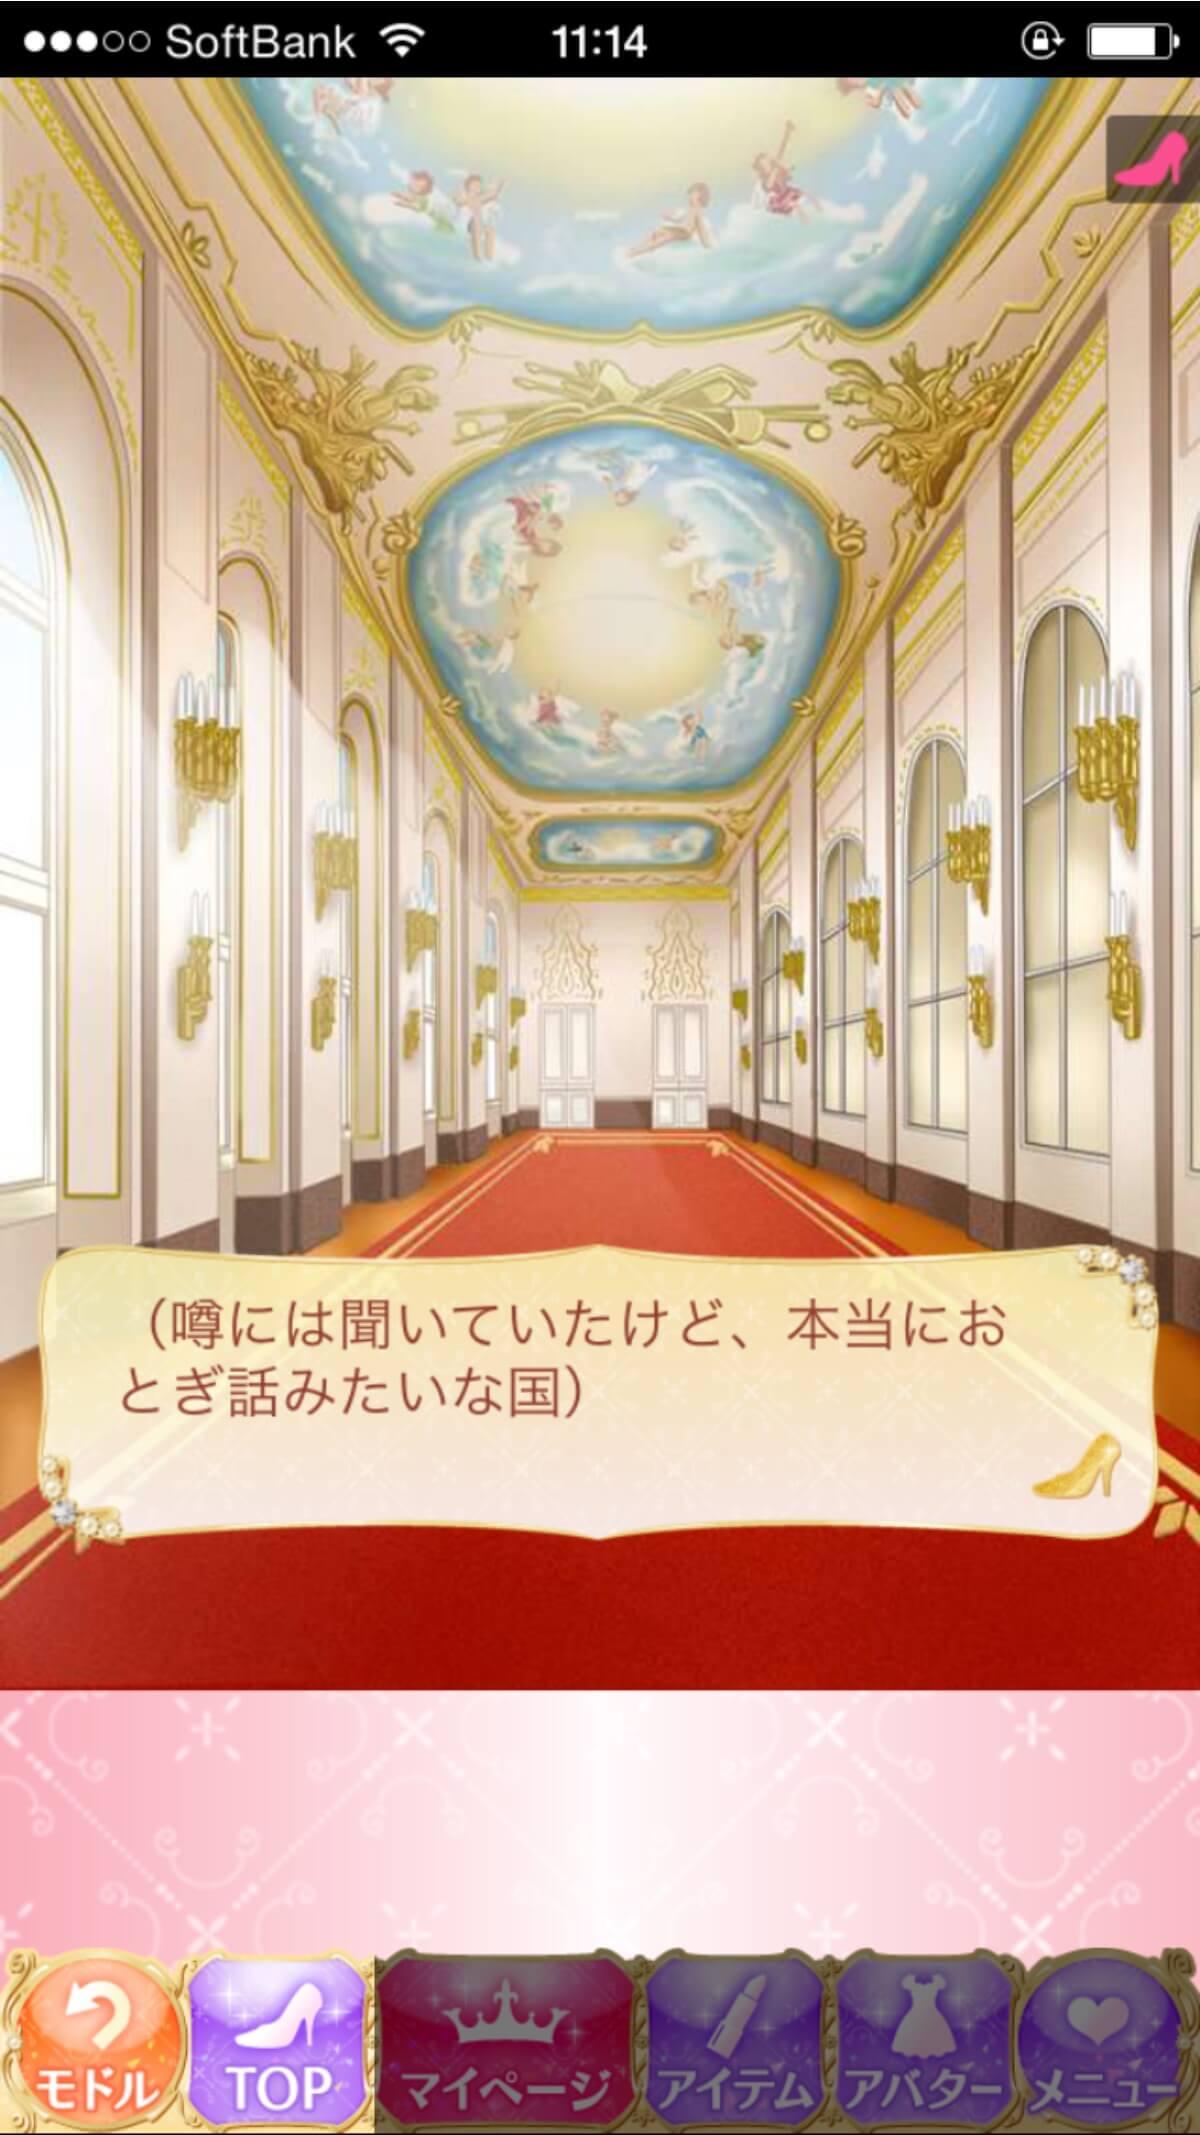 とても広いお城の中をさまよう主人公。お伽話みたいな国だと言っています。